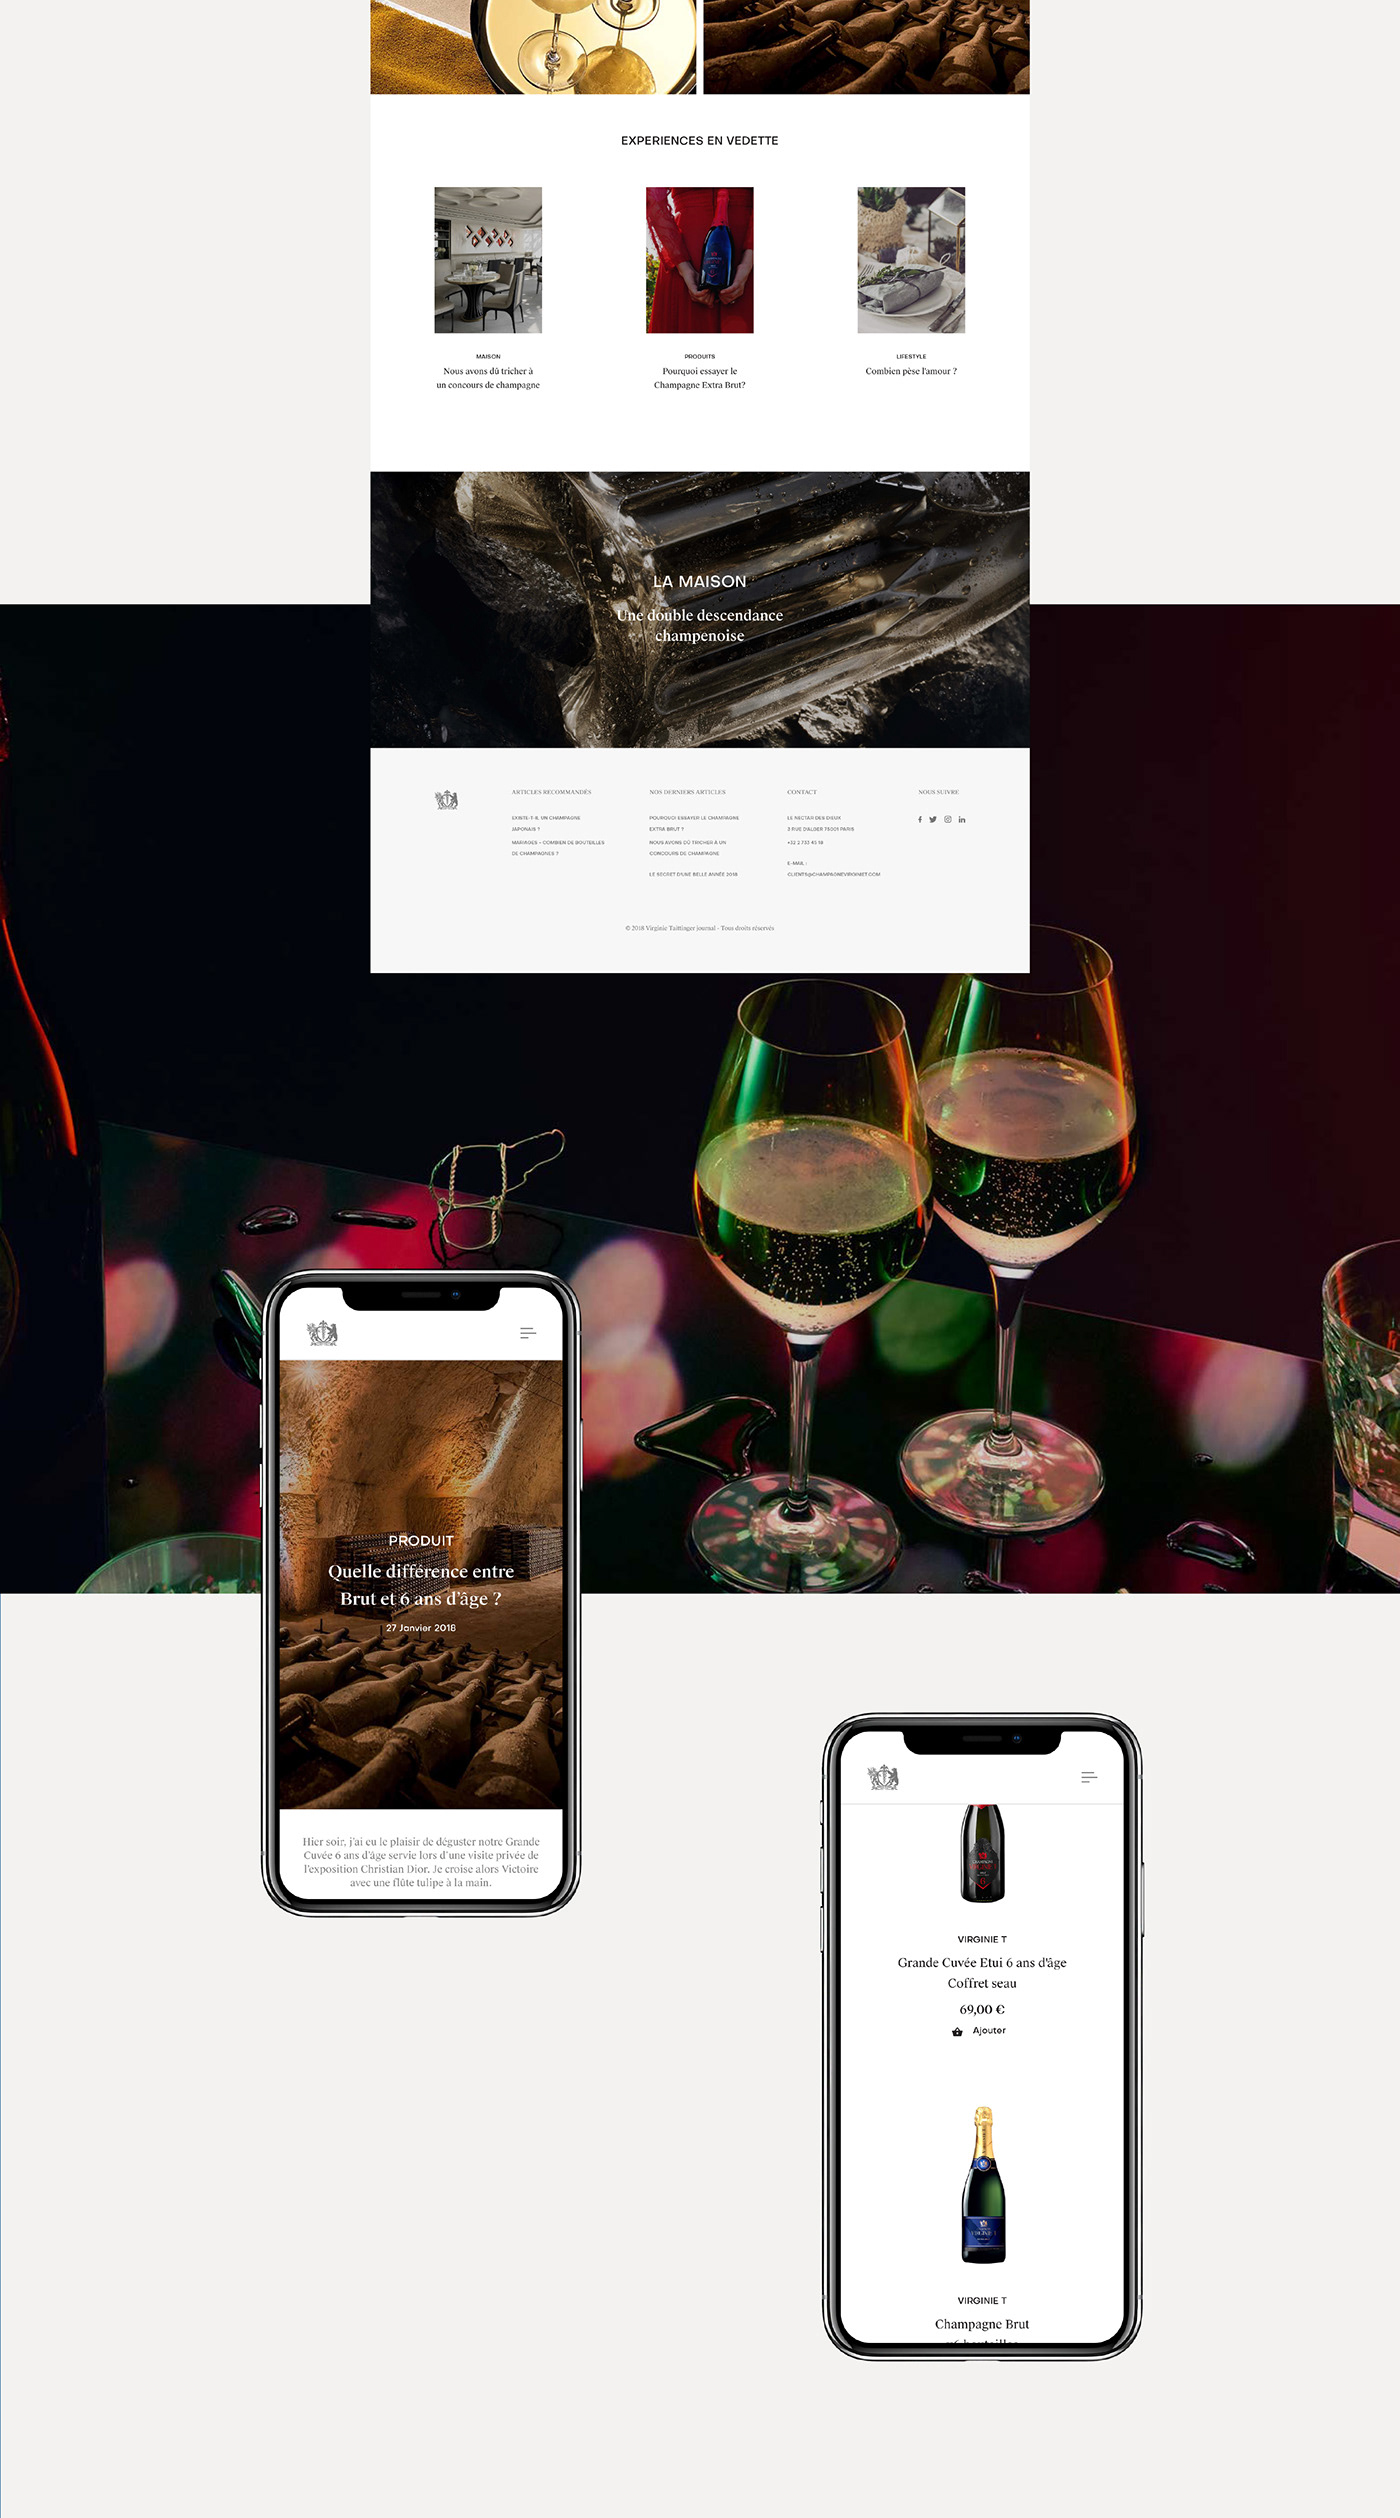 ui design UI/UX Design interactions Brand Site luxury